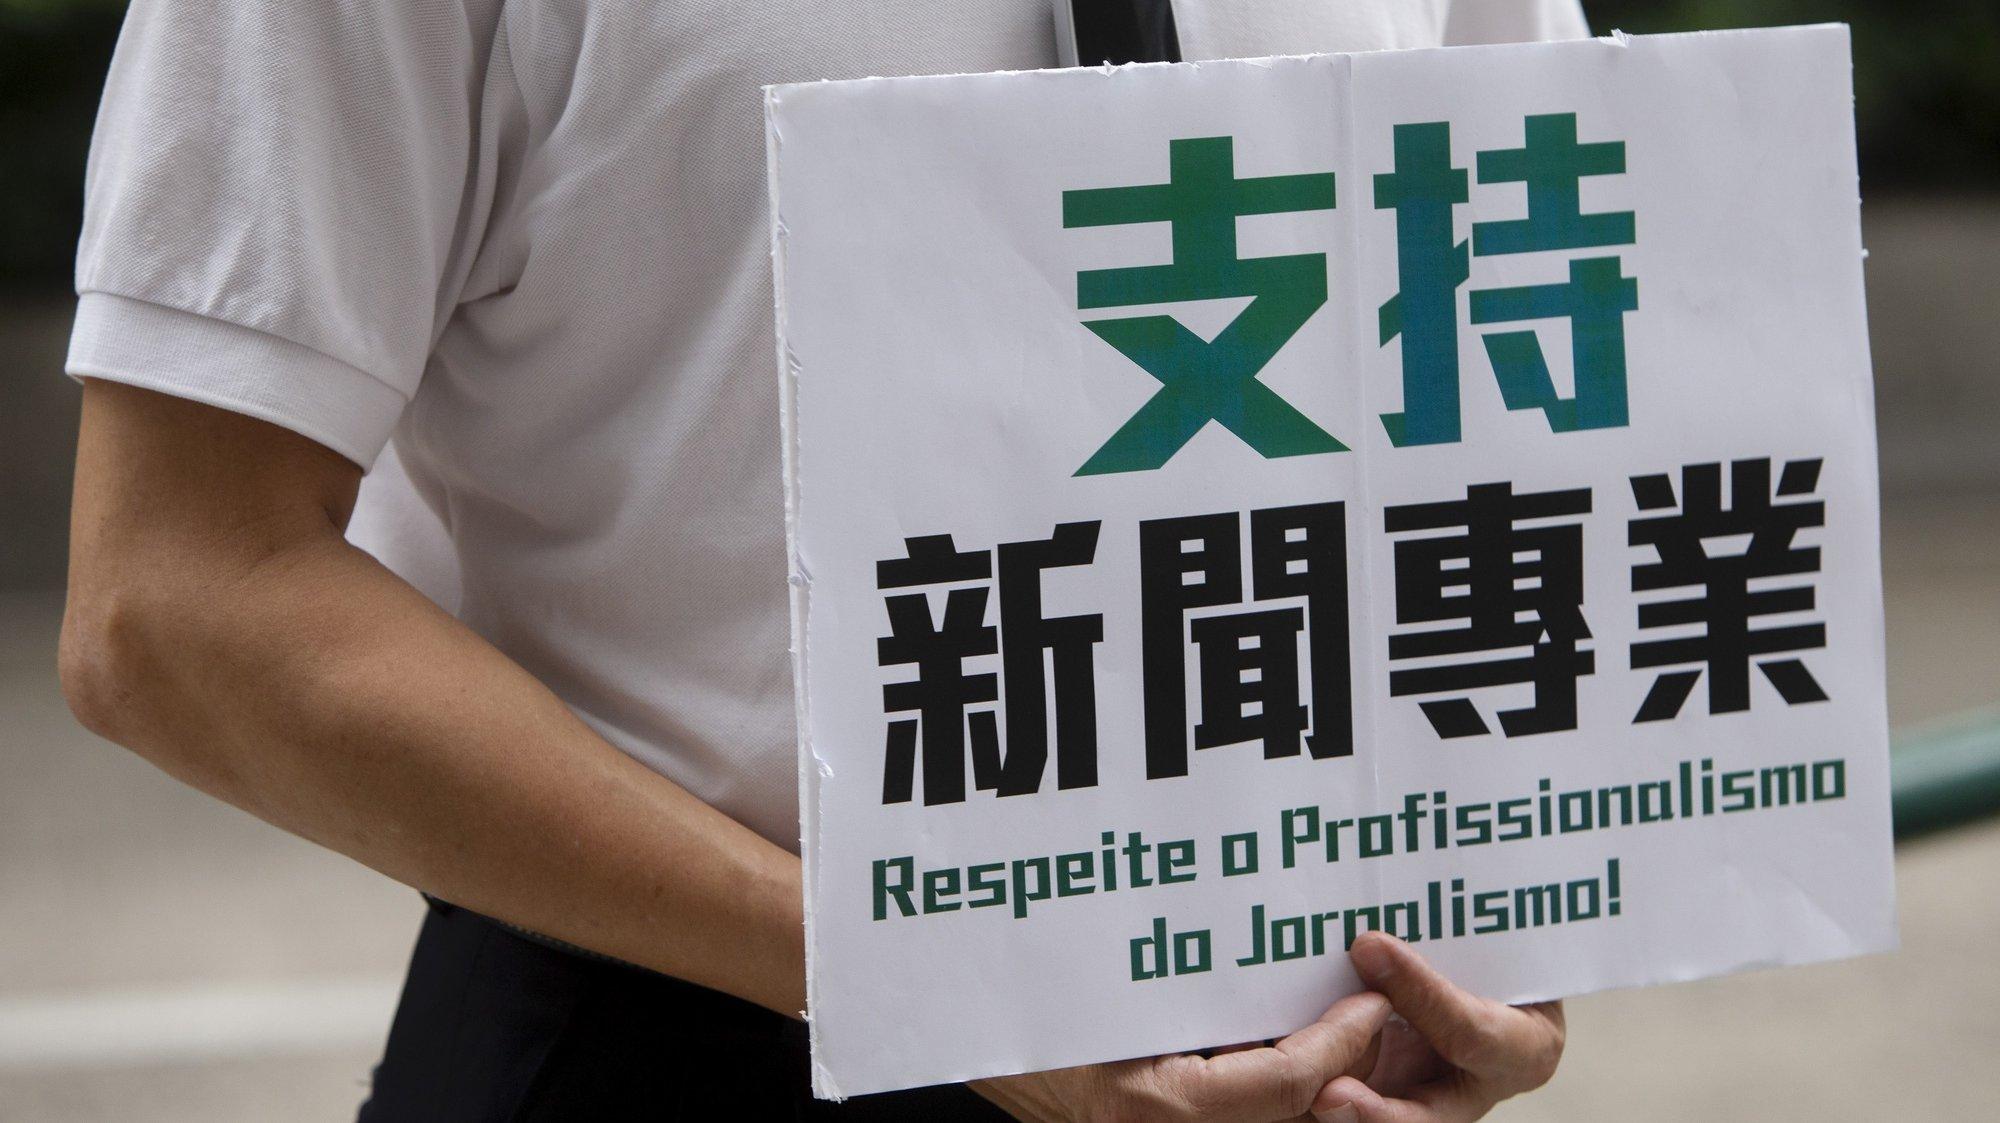 Manifestaçõa de apoio à liberdade de imprensa em Macau, frente às instalações da TDM. Macau, China, 4 de Abril de 2021, CARMO CORREIA/LUSA